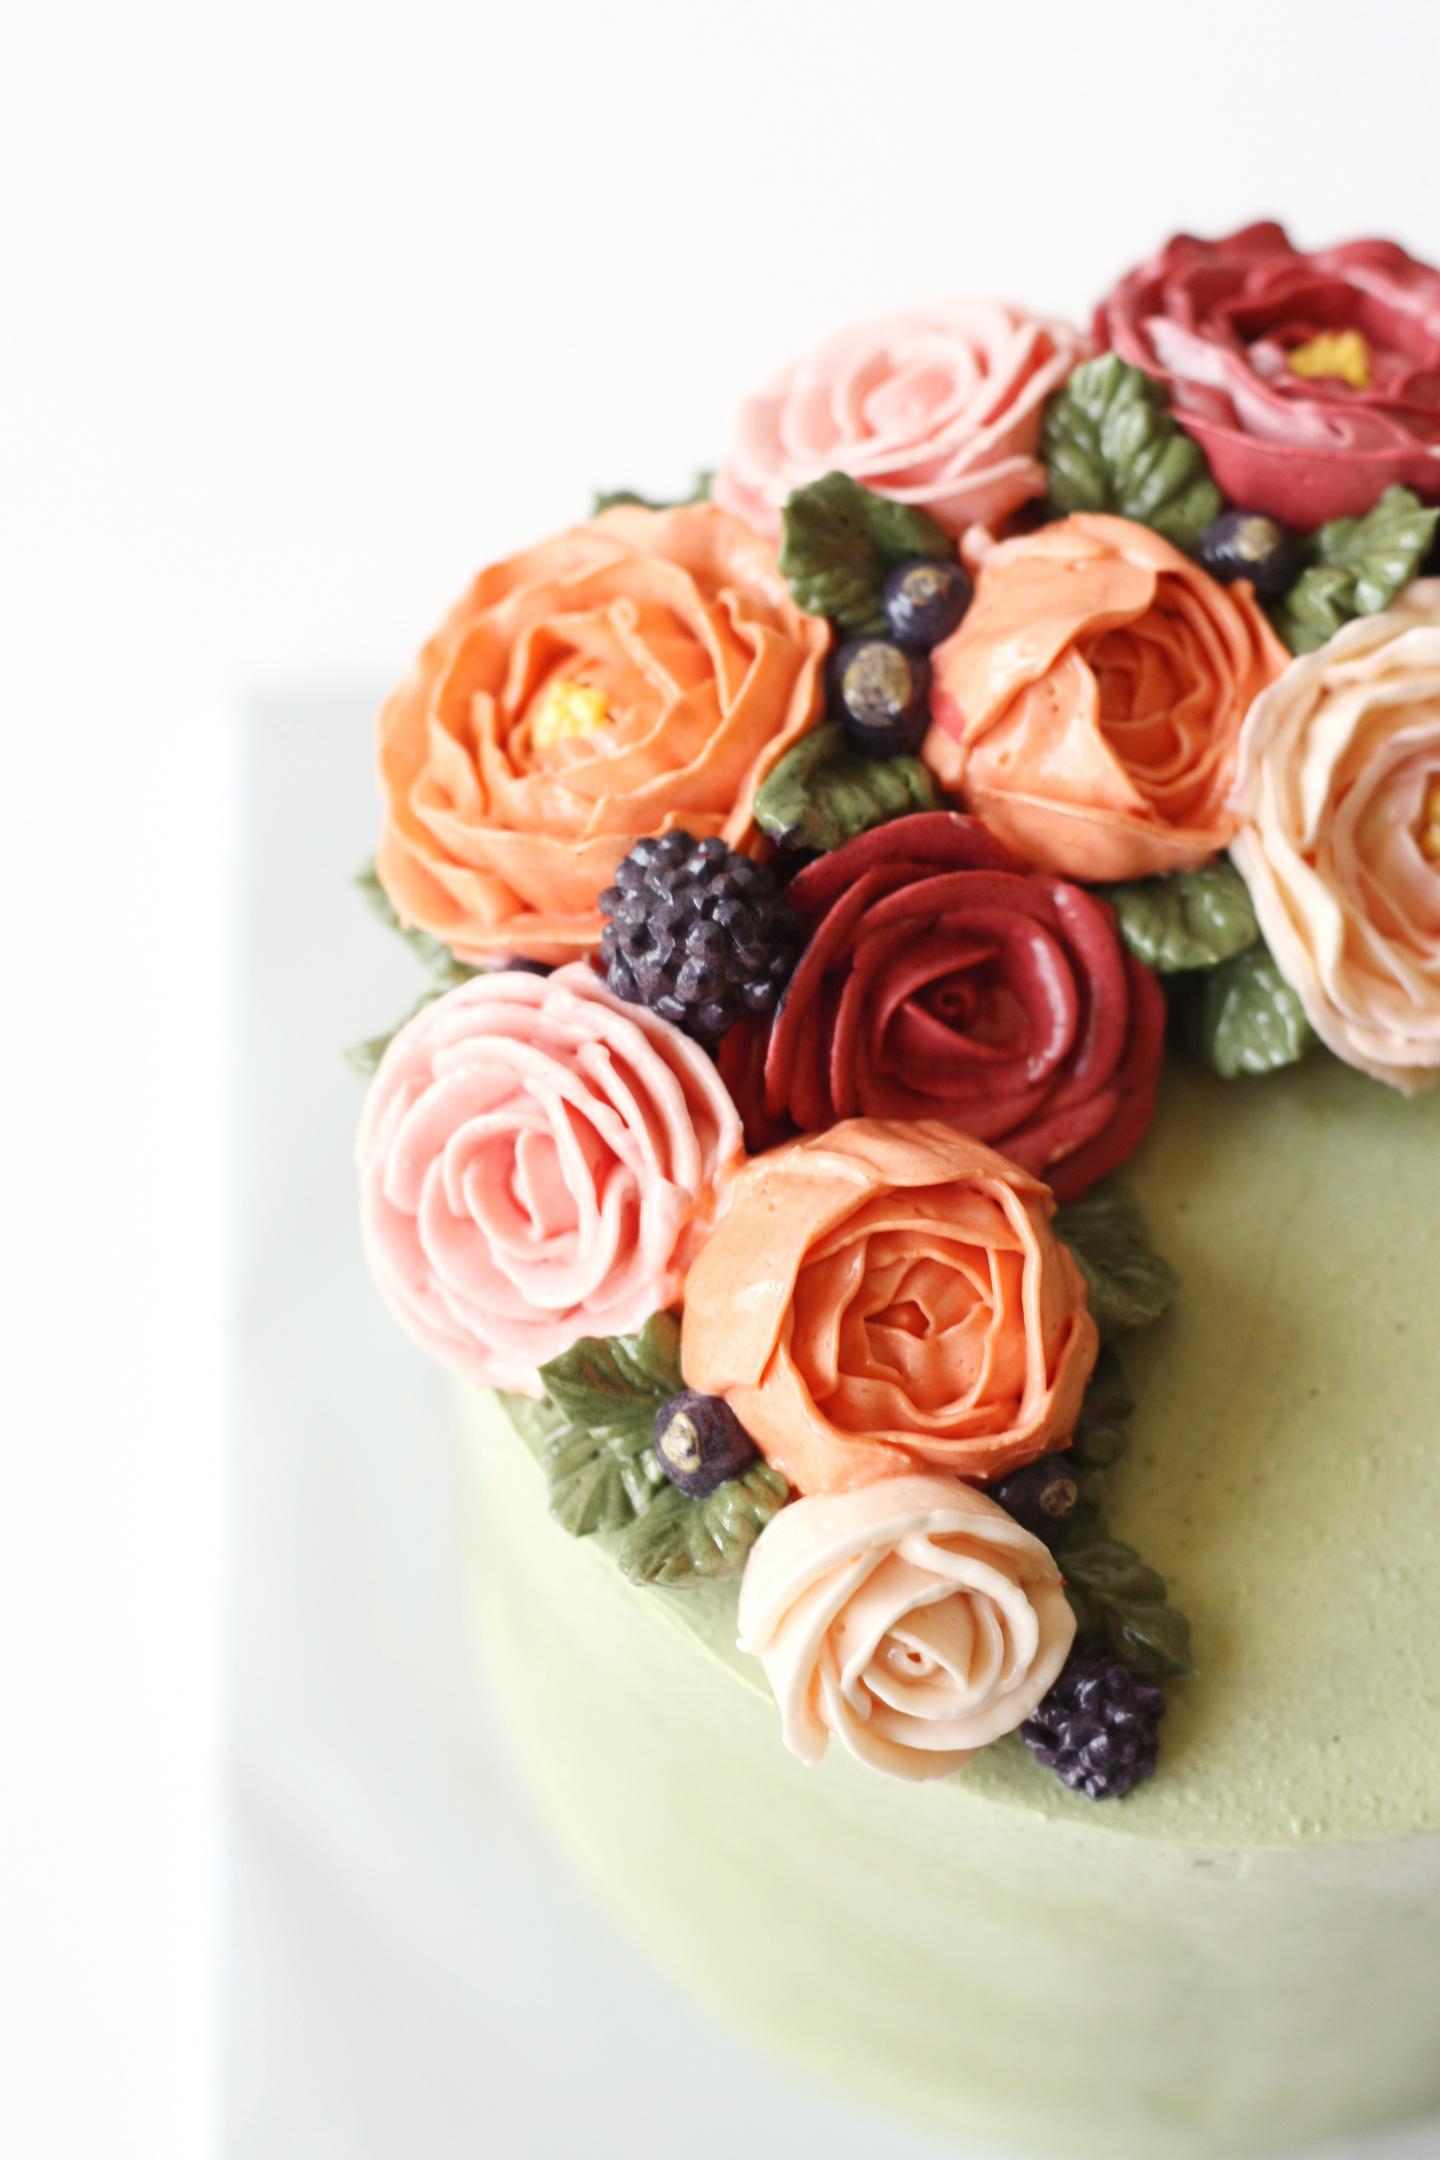 Layered Buttercream Florals by Liz Shim | Erin Gardner | Bluprint